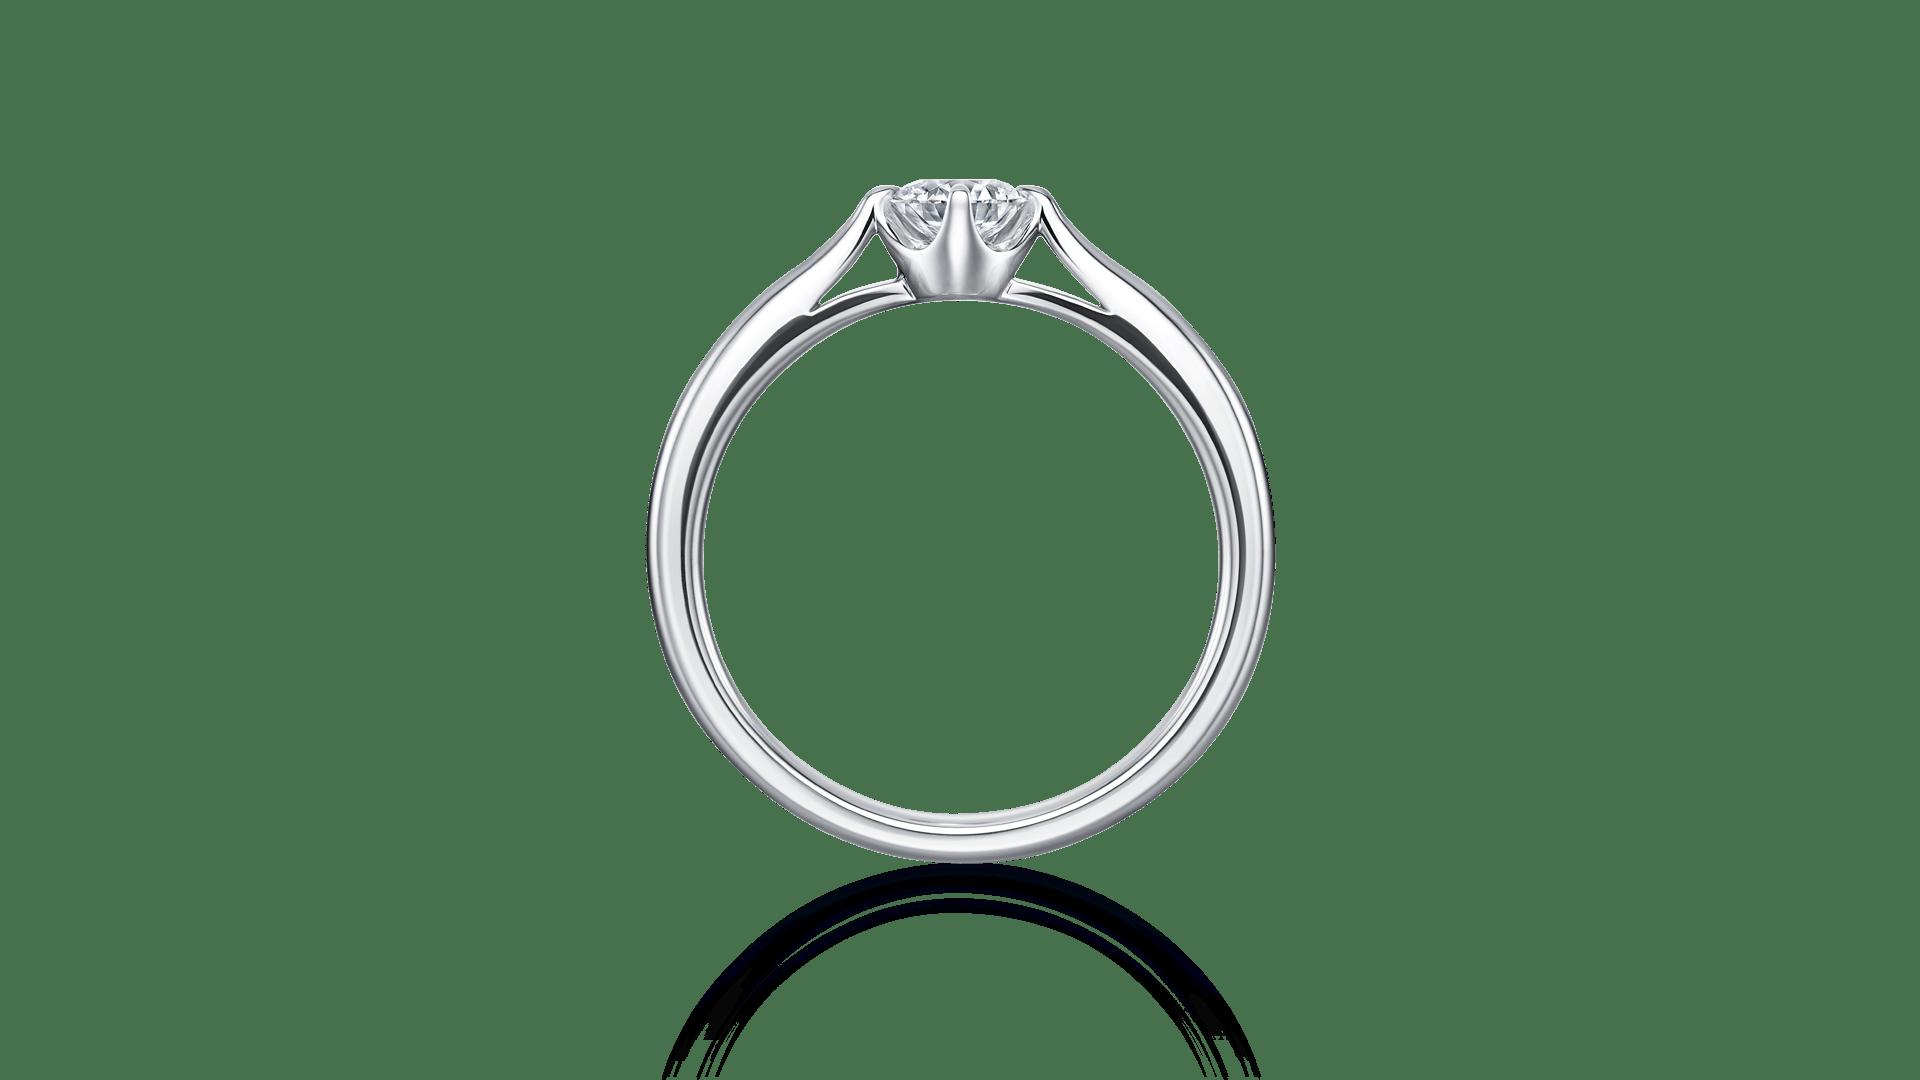 antiare アンティアーレ | 婚約指輪サムネイル 2